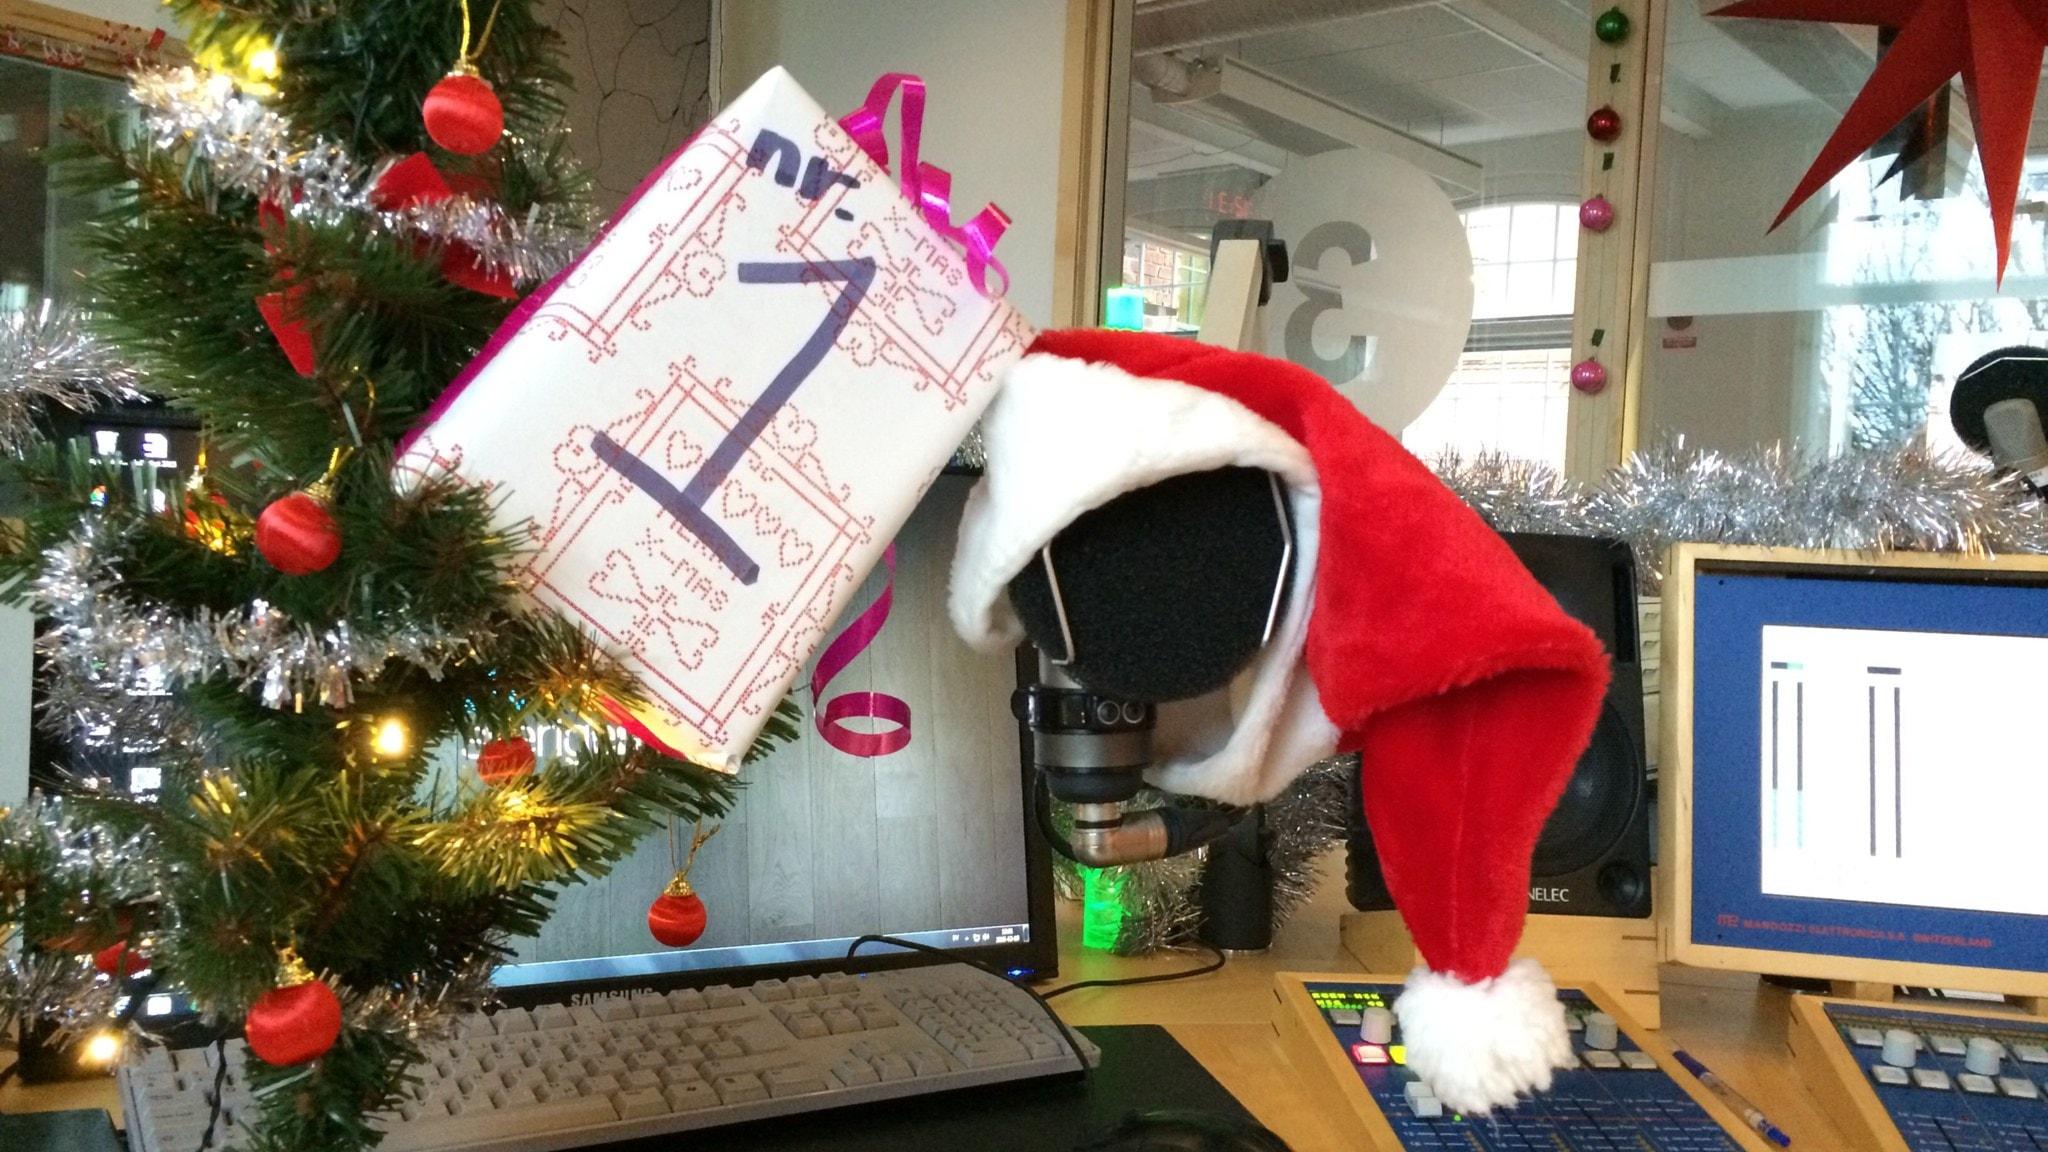 Dags att utse årets juletta 2015